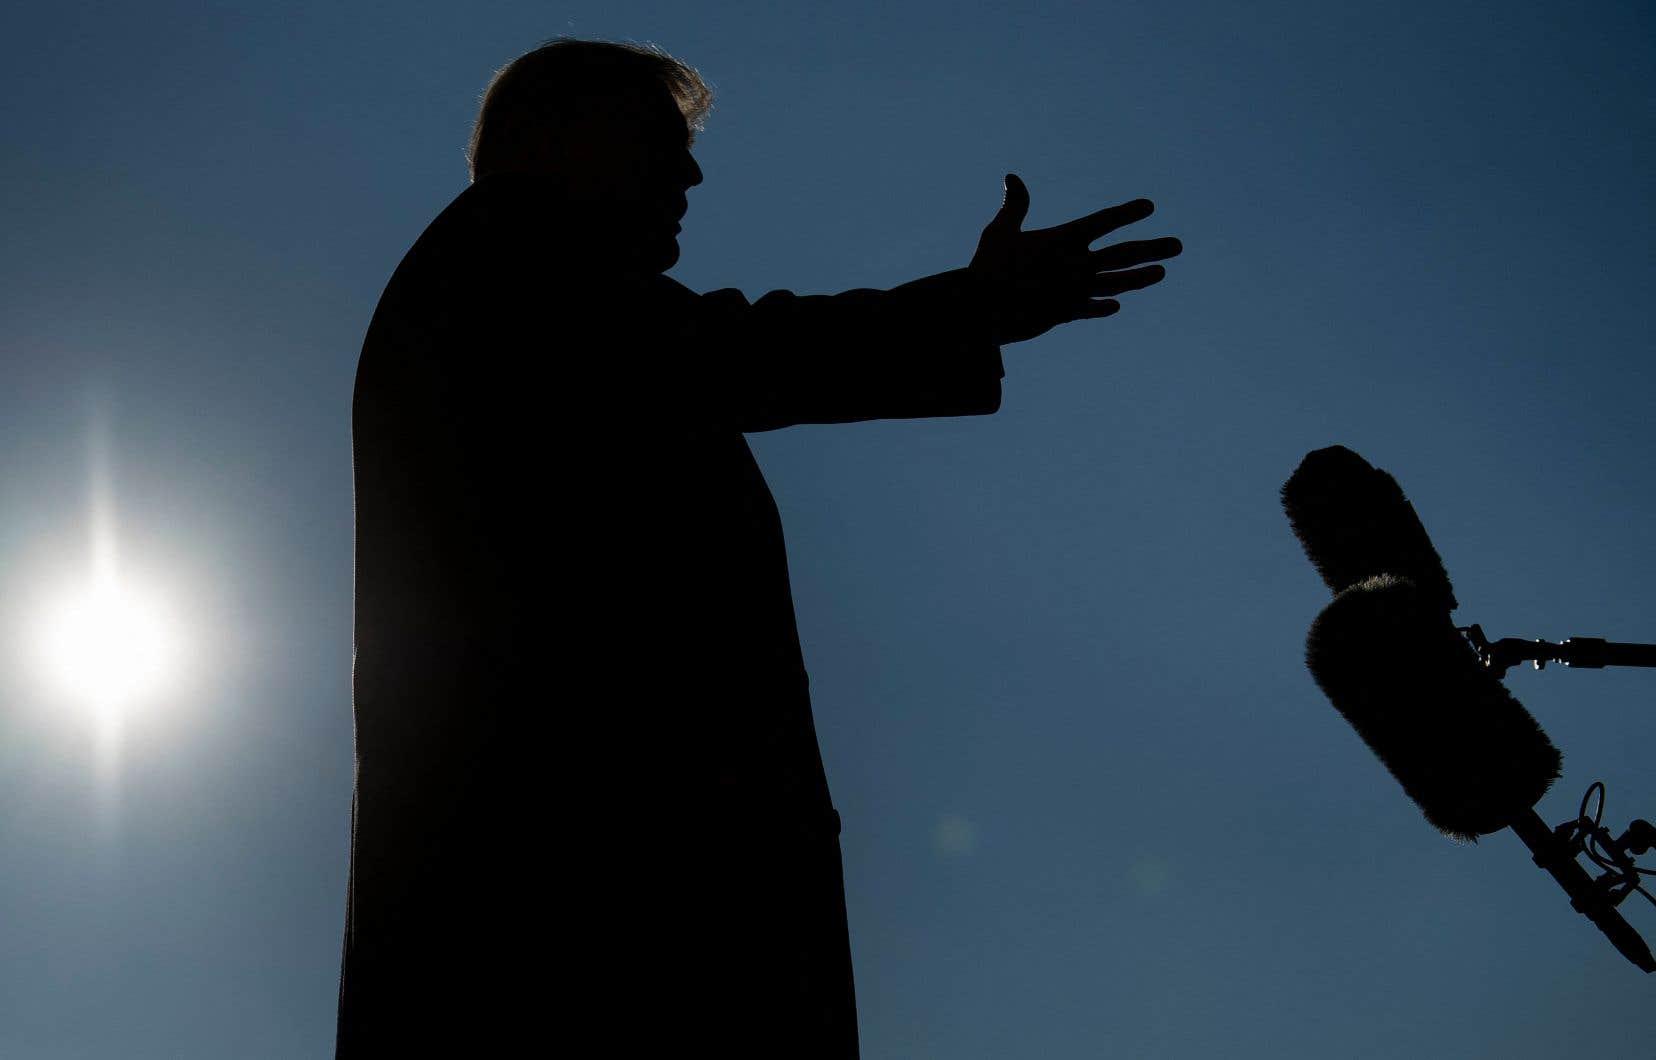 Plus de 70% des électeurs républicains croient toujours, plus de six mois après les élections, à l'existence d'une fraude électorale pour expliquer la défaite de leur candidat en novembre dernier, selon un sondage CNN réalisé fin avril.